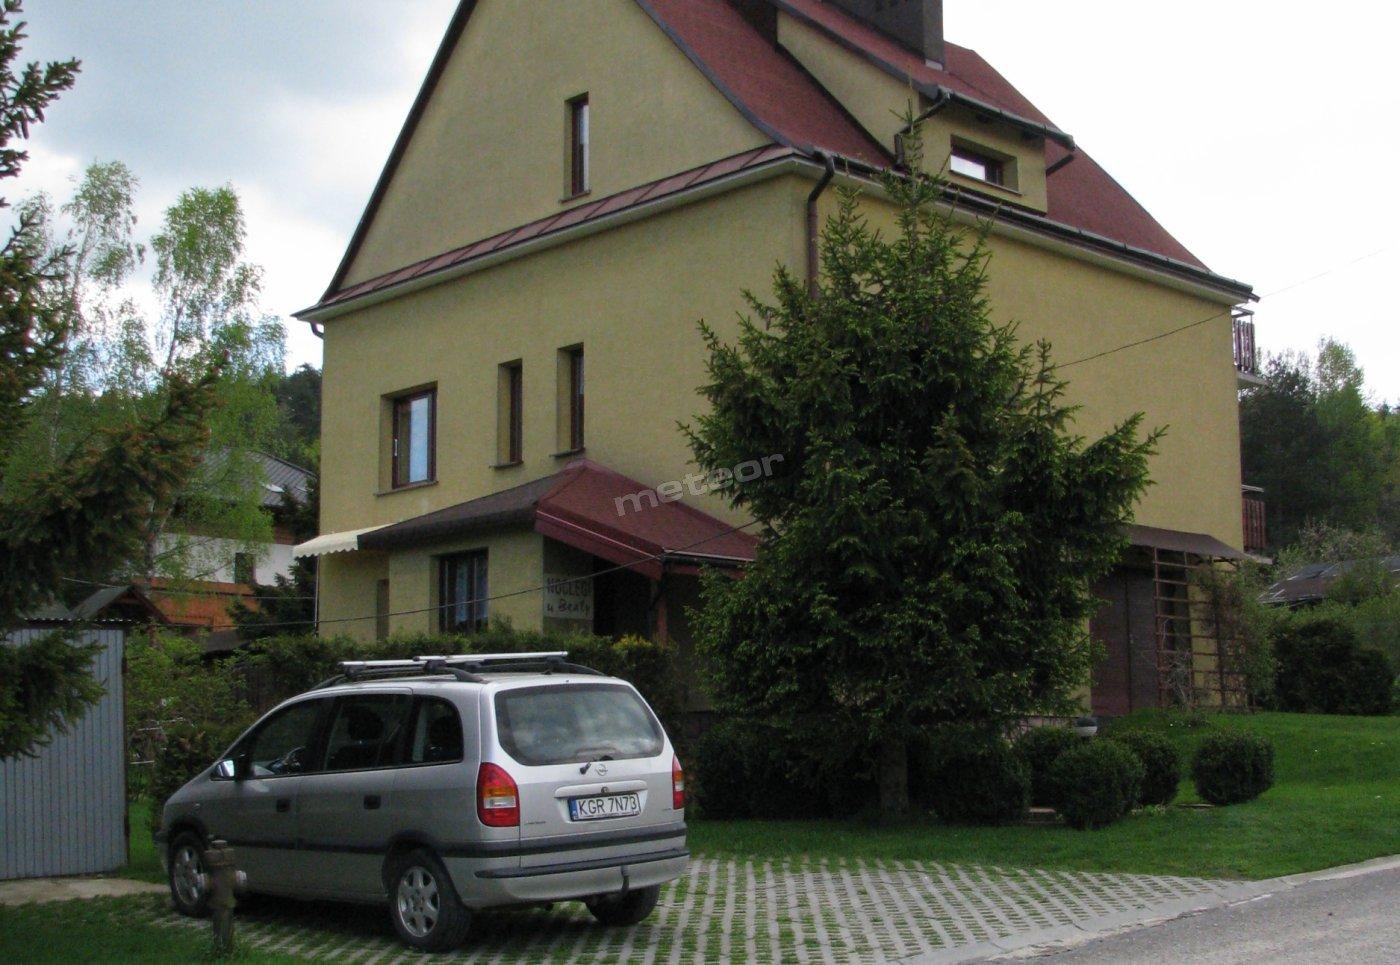 Widok ogólny domu wraz z parkingiem